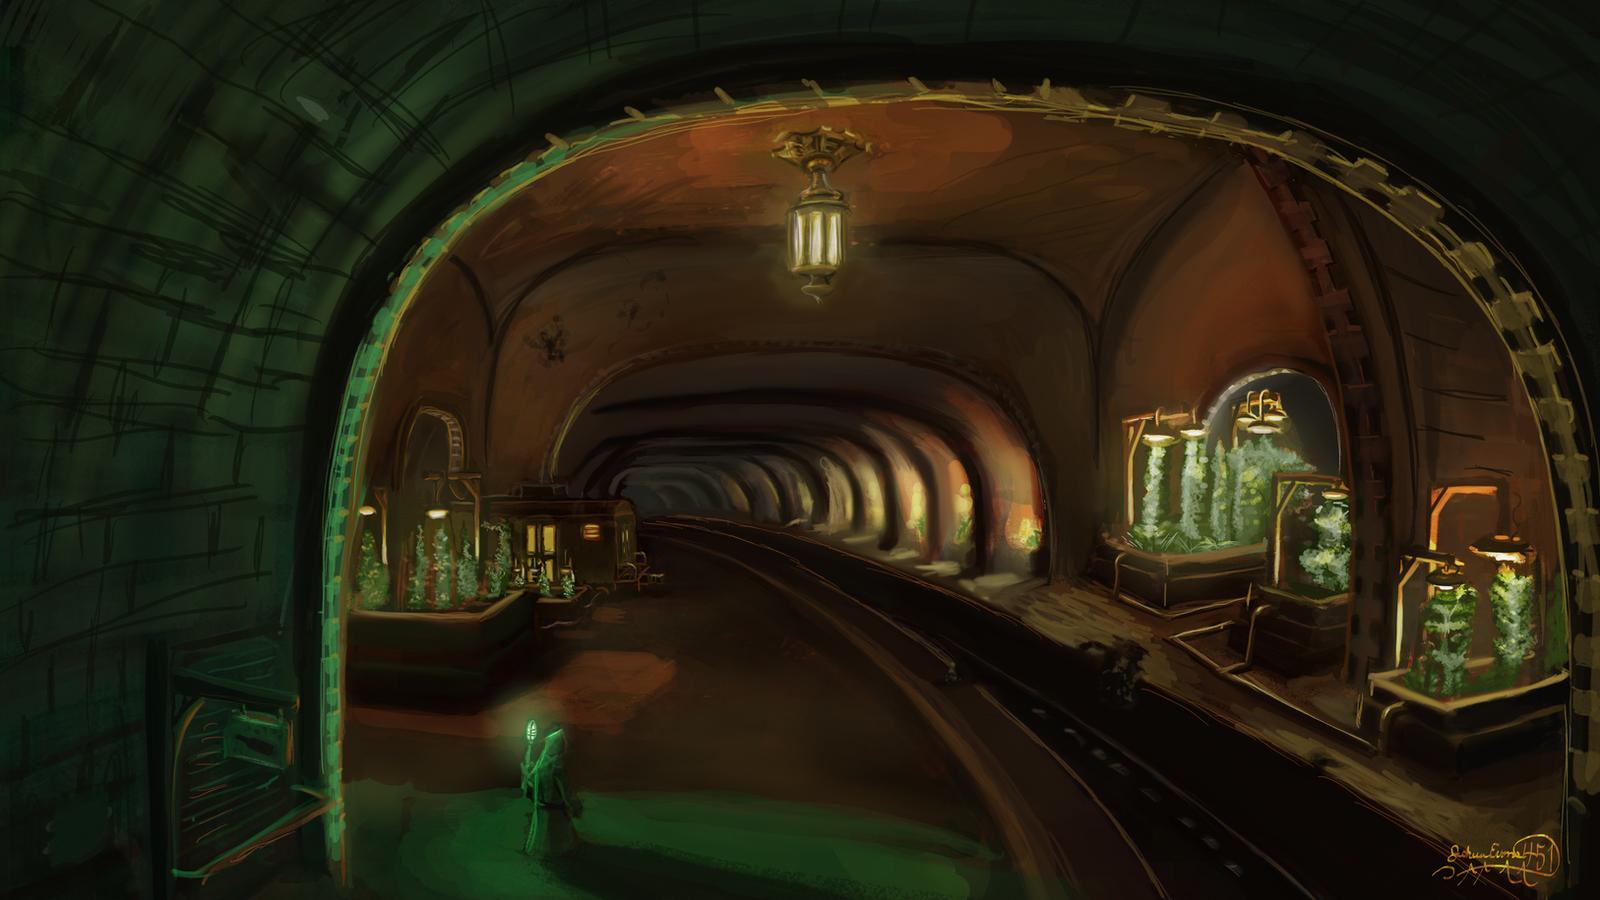 Subterrarium by Scorpion451